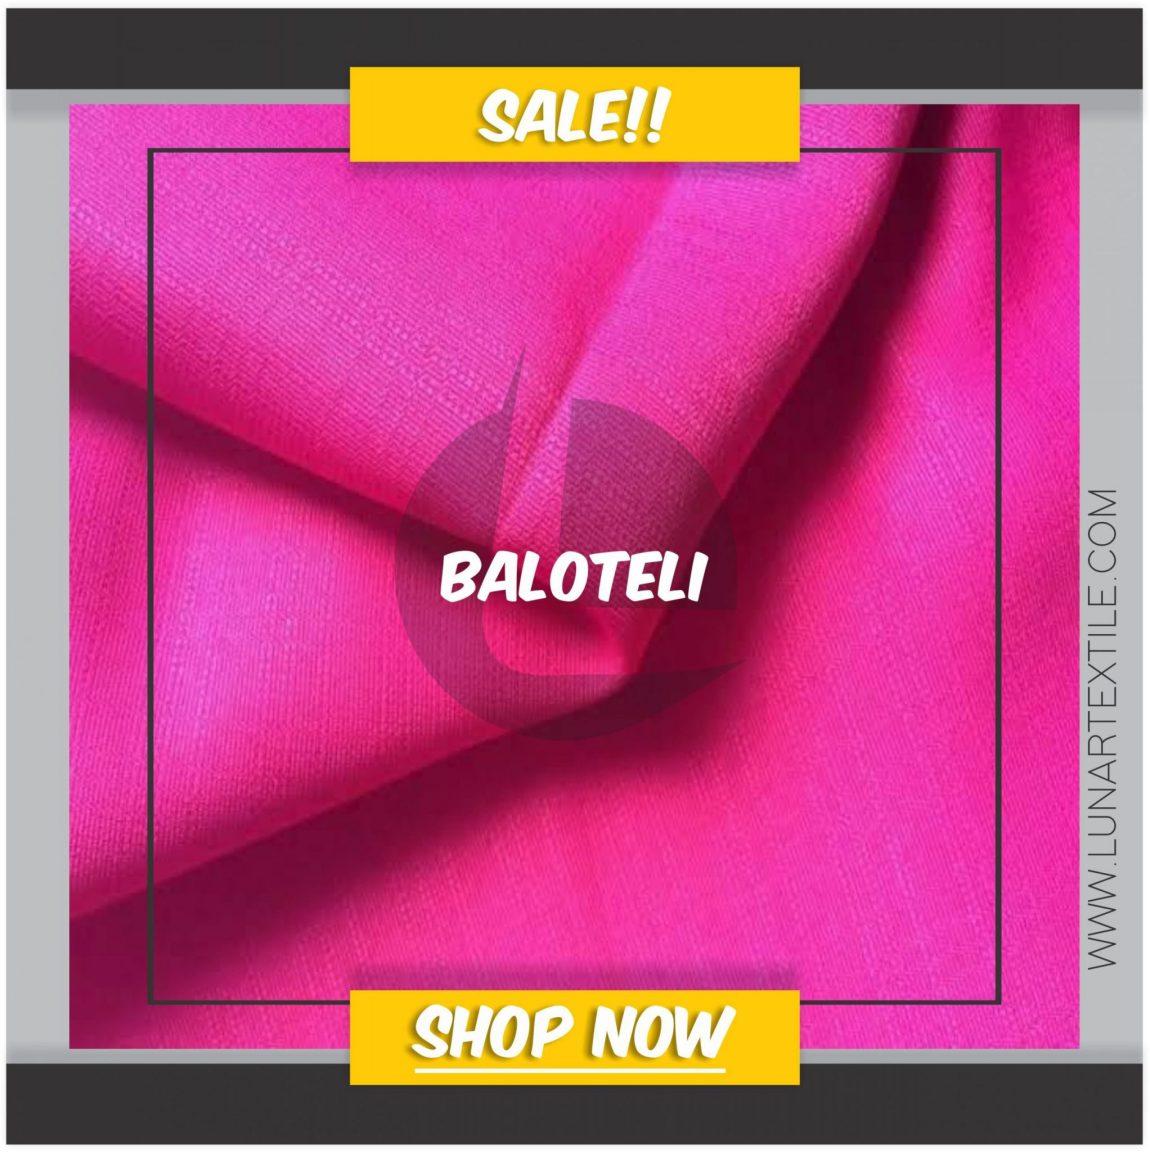 Kain Balotelli adalah sejenis kain yang bahannya cukup tebal dengan tekstur yang sangat khas. Motif atau jenis kainnya membentuk kotak-kotak kecil yang bergaris.